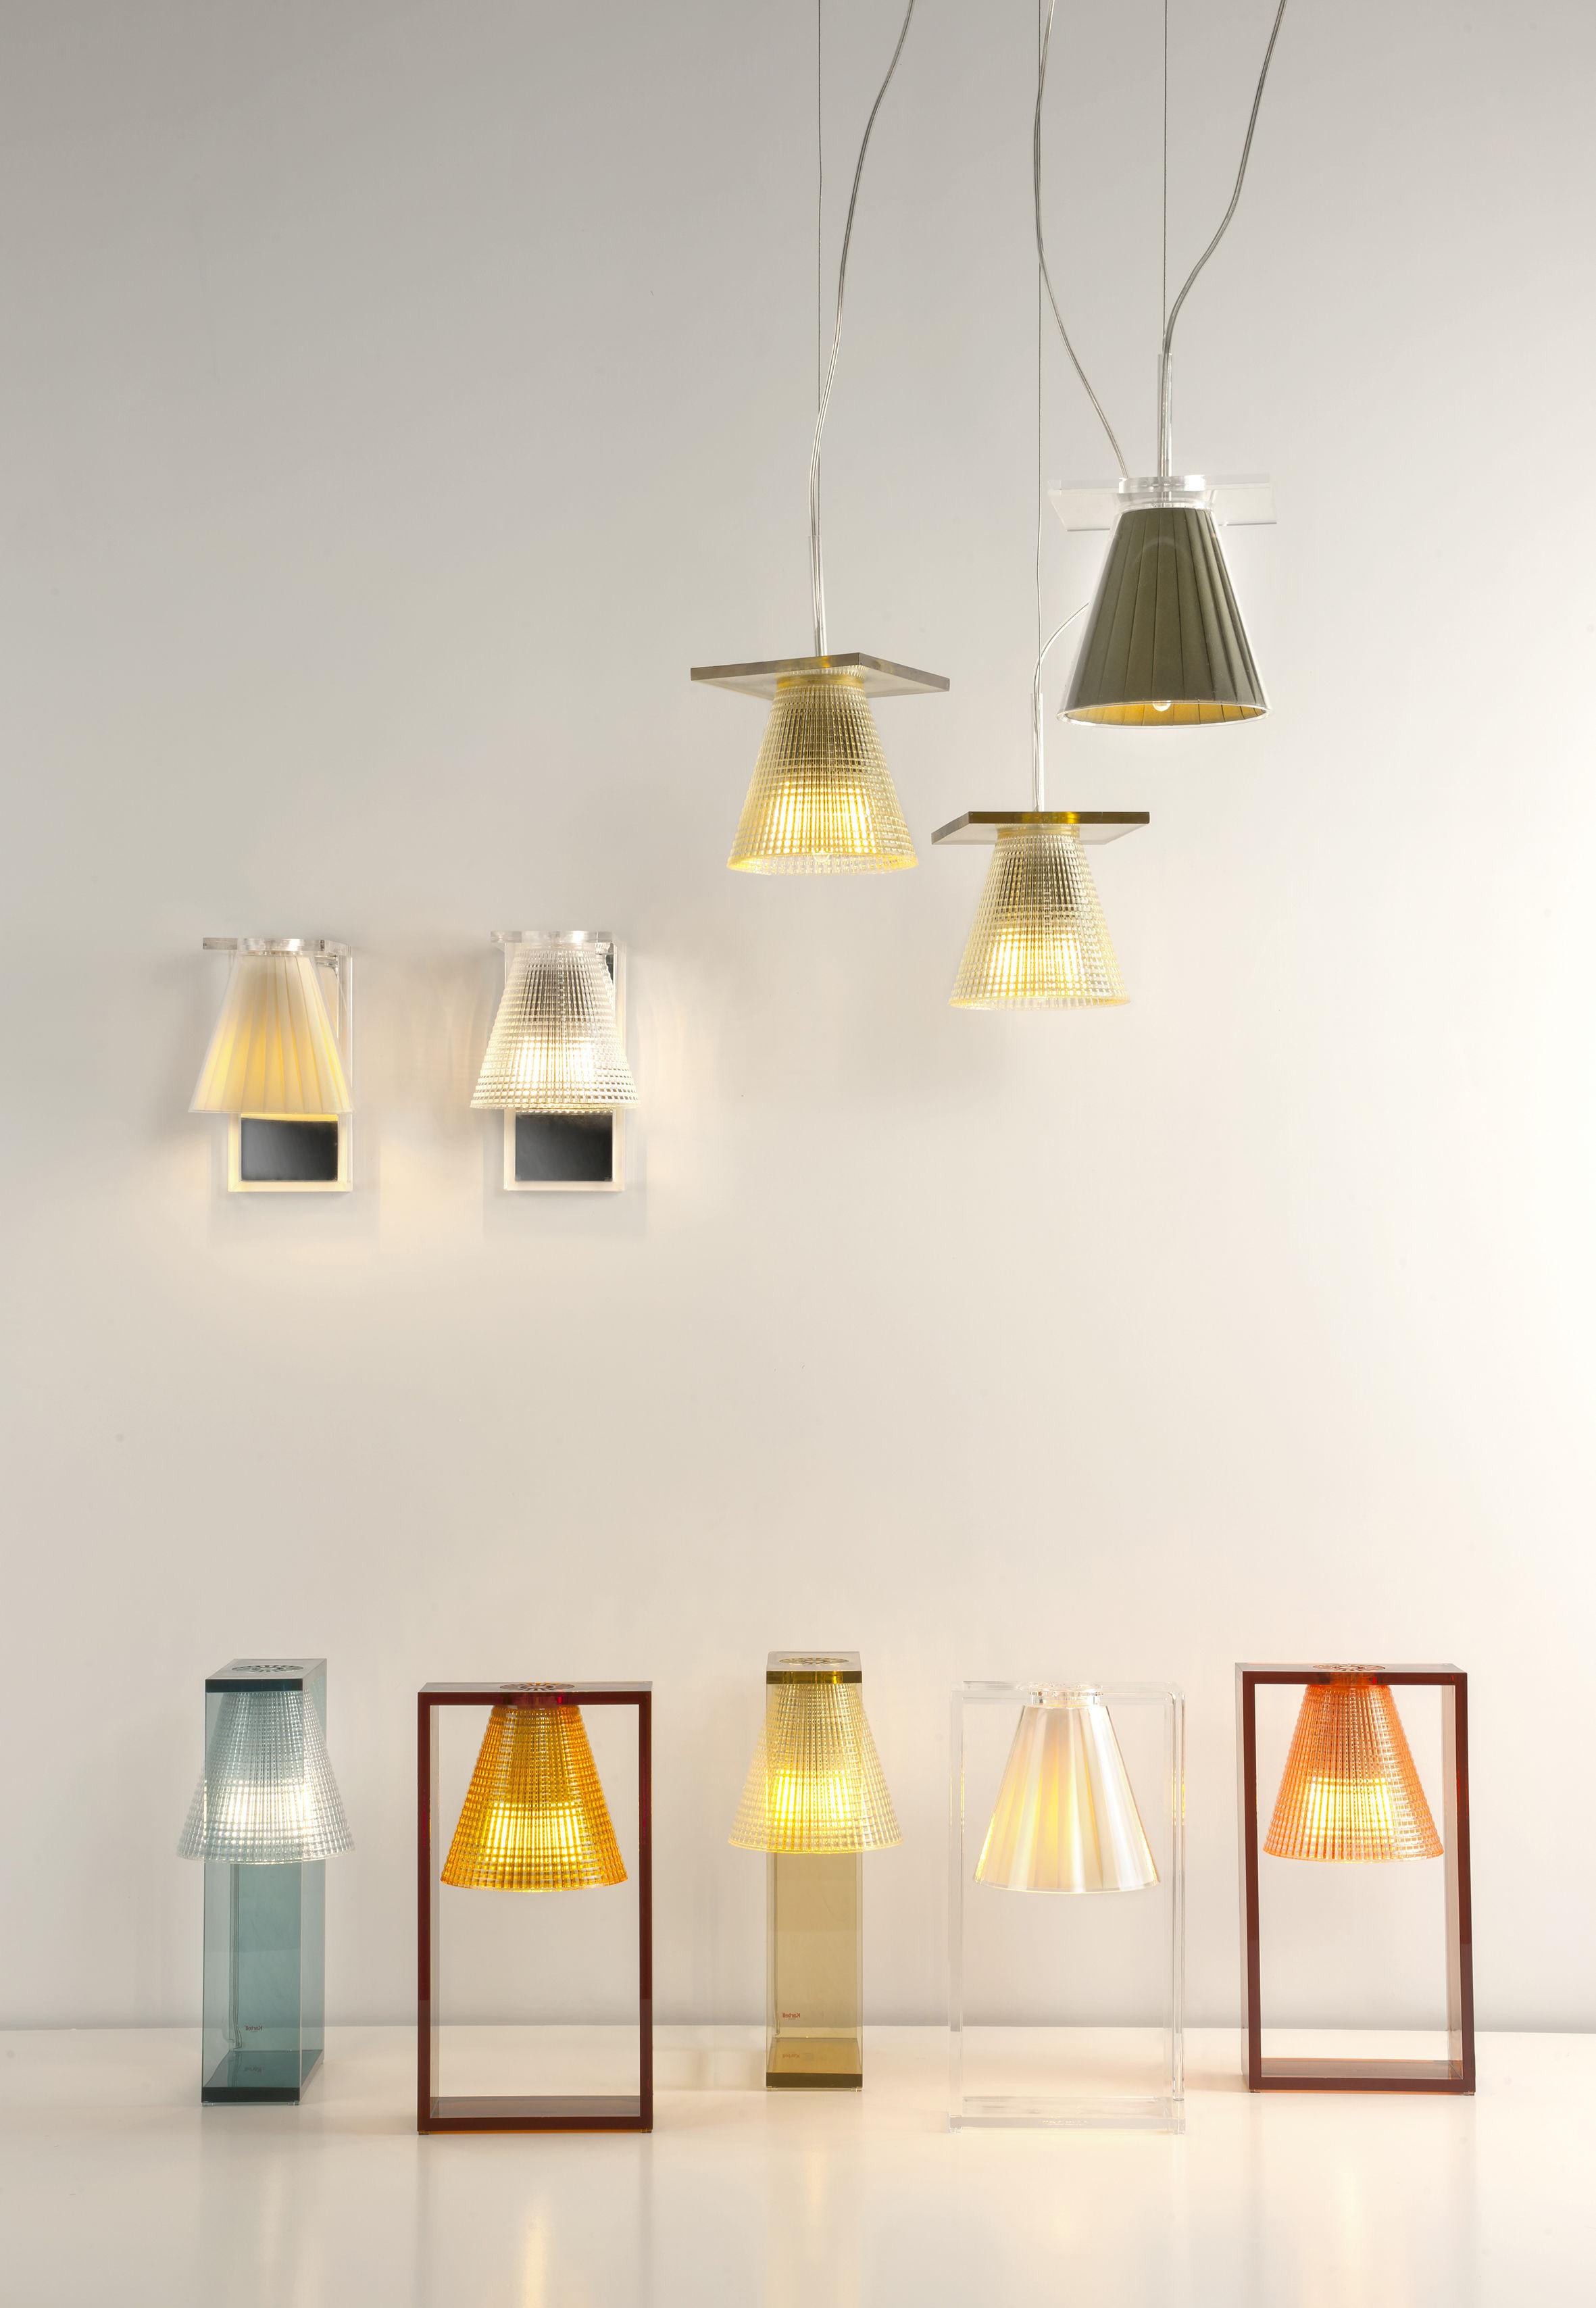 applique light air abat jour plastique sculpt cristal miroir kartell. Black Bedroom Furniture Sets. Home Design Ideas